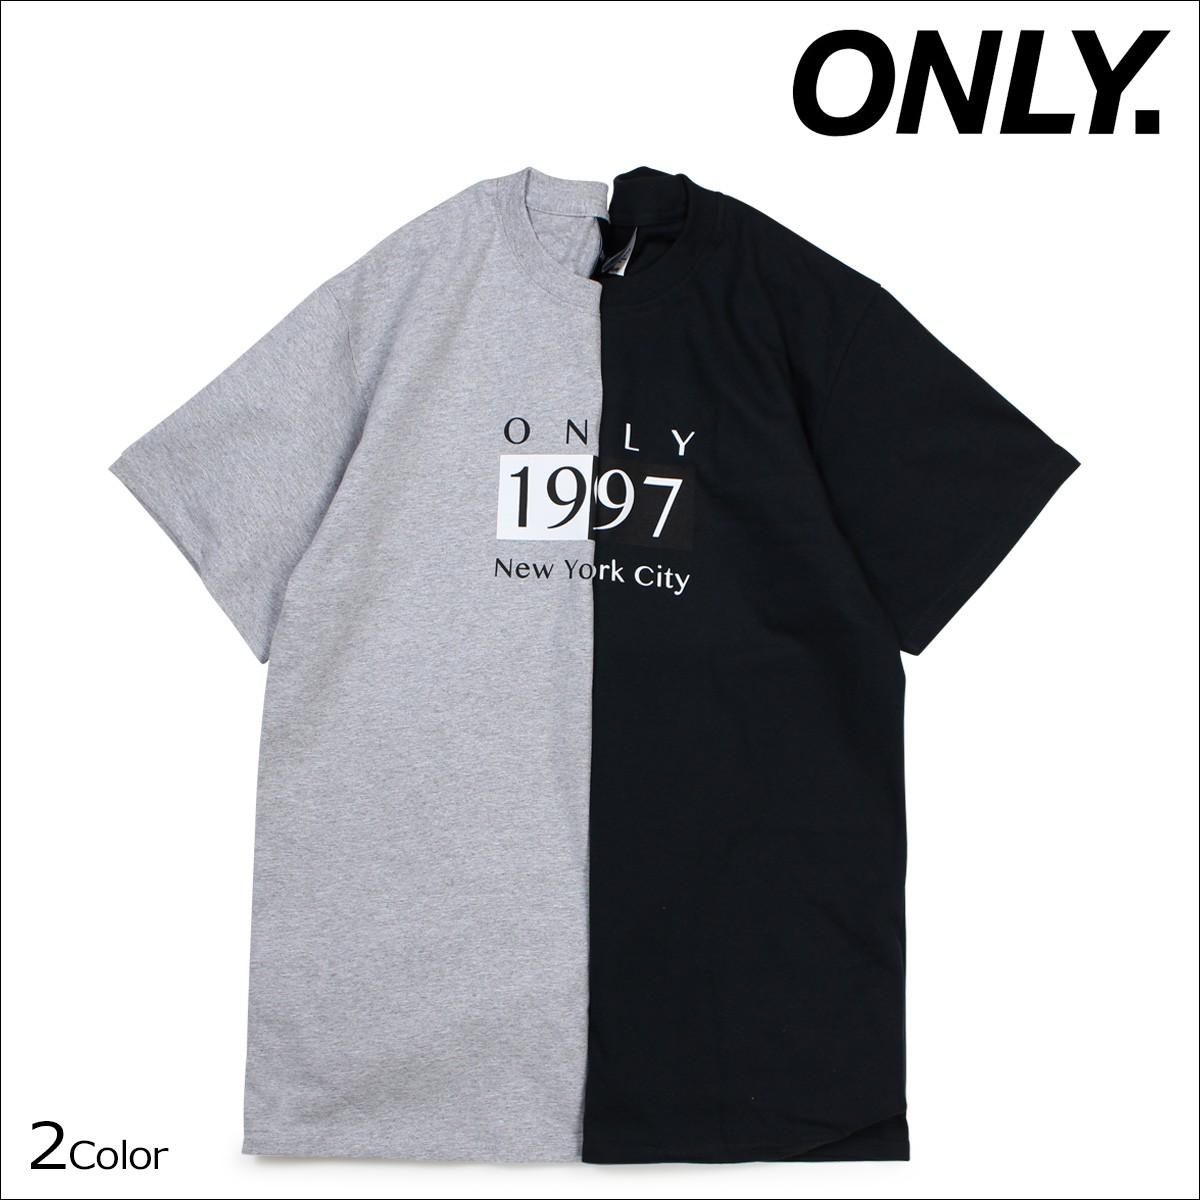 ONLY NY オンリーニューヨーク Tシャツ メンズ 半袖 DECO T-SHIRT ティーシャツ コットン ブラック グレー [12/22 新入荷]